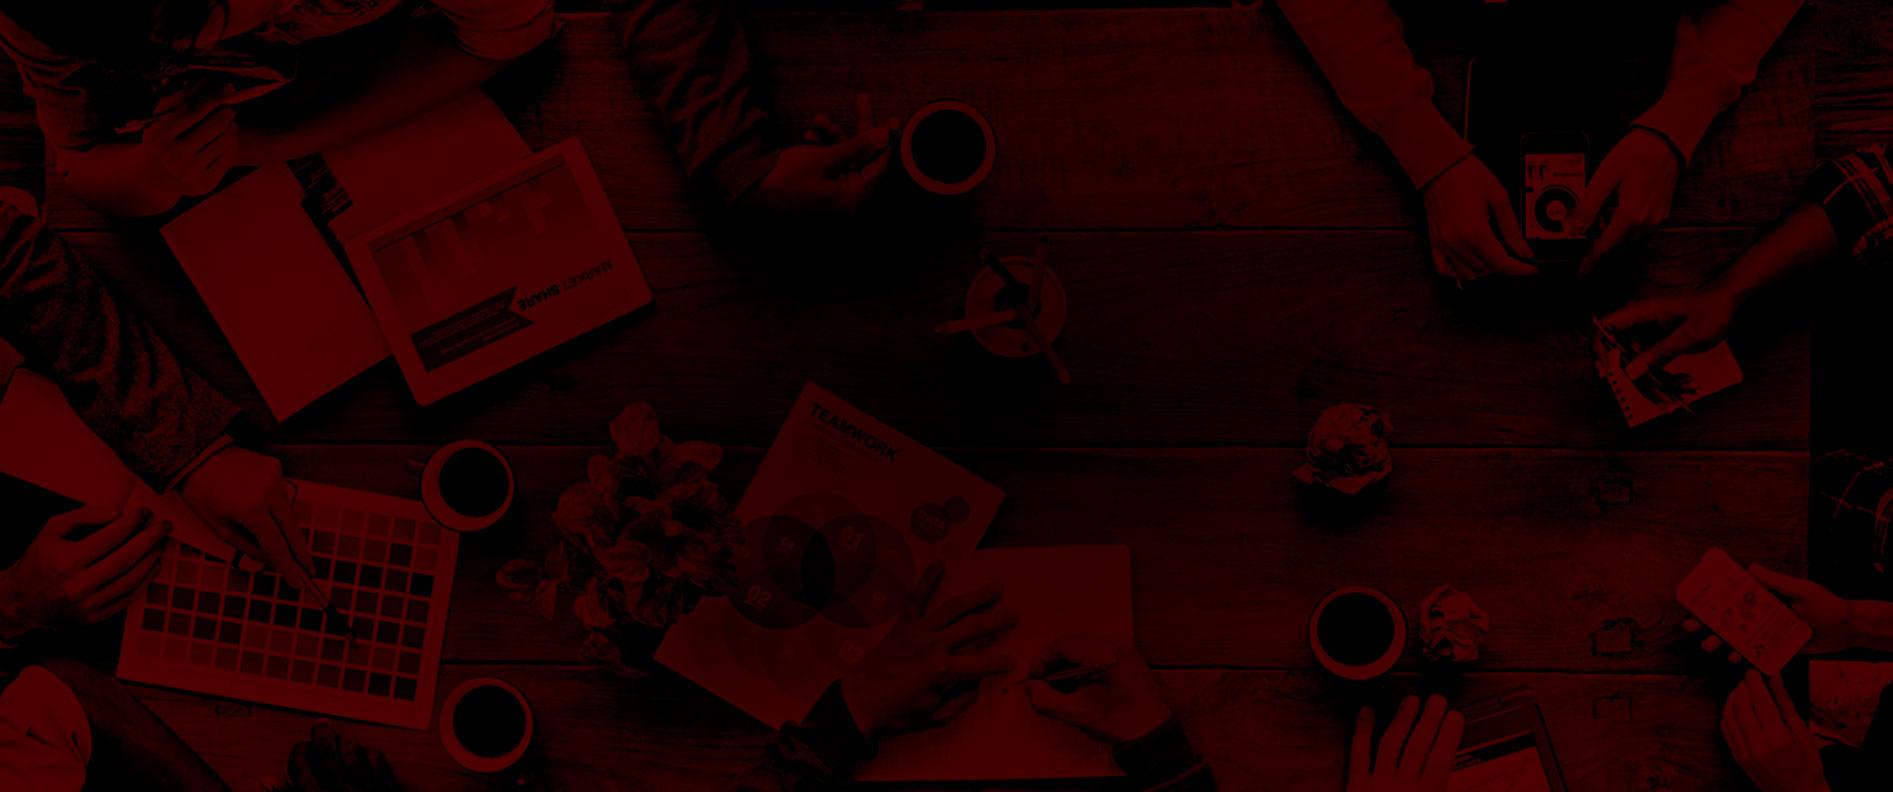 Inbound Marketing e Marketing de Conteúdo: Qual a diferença?